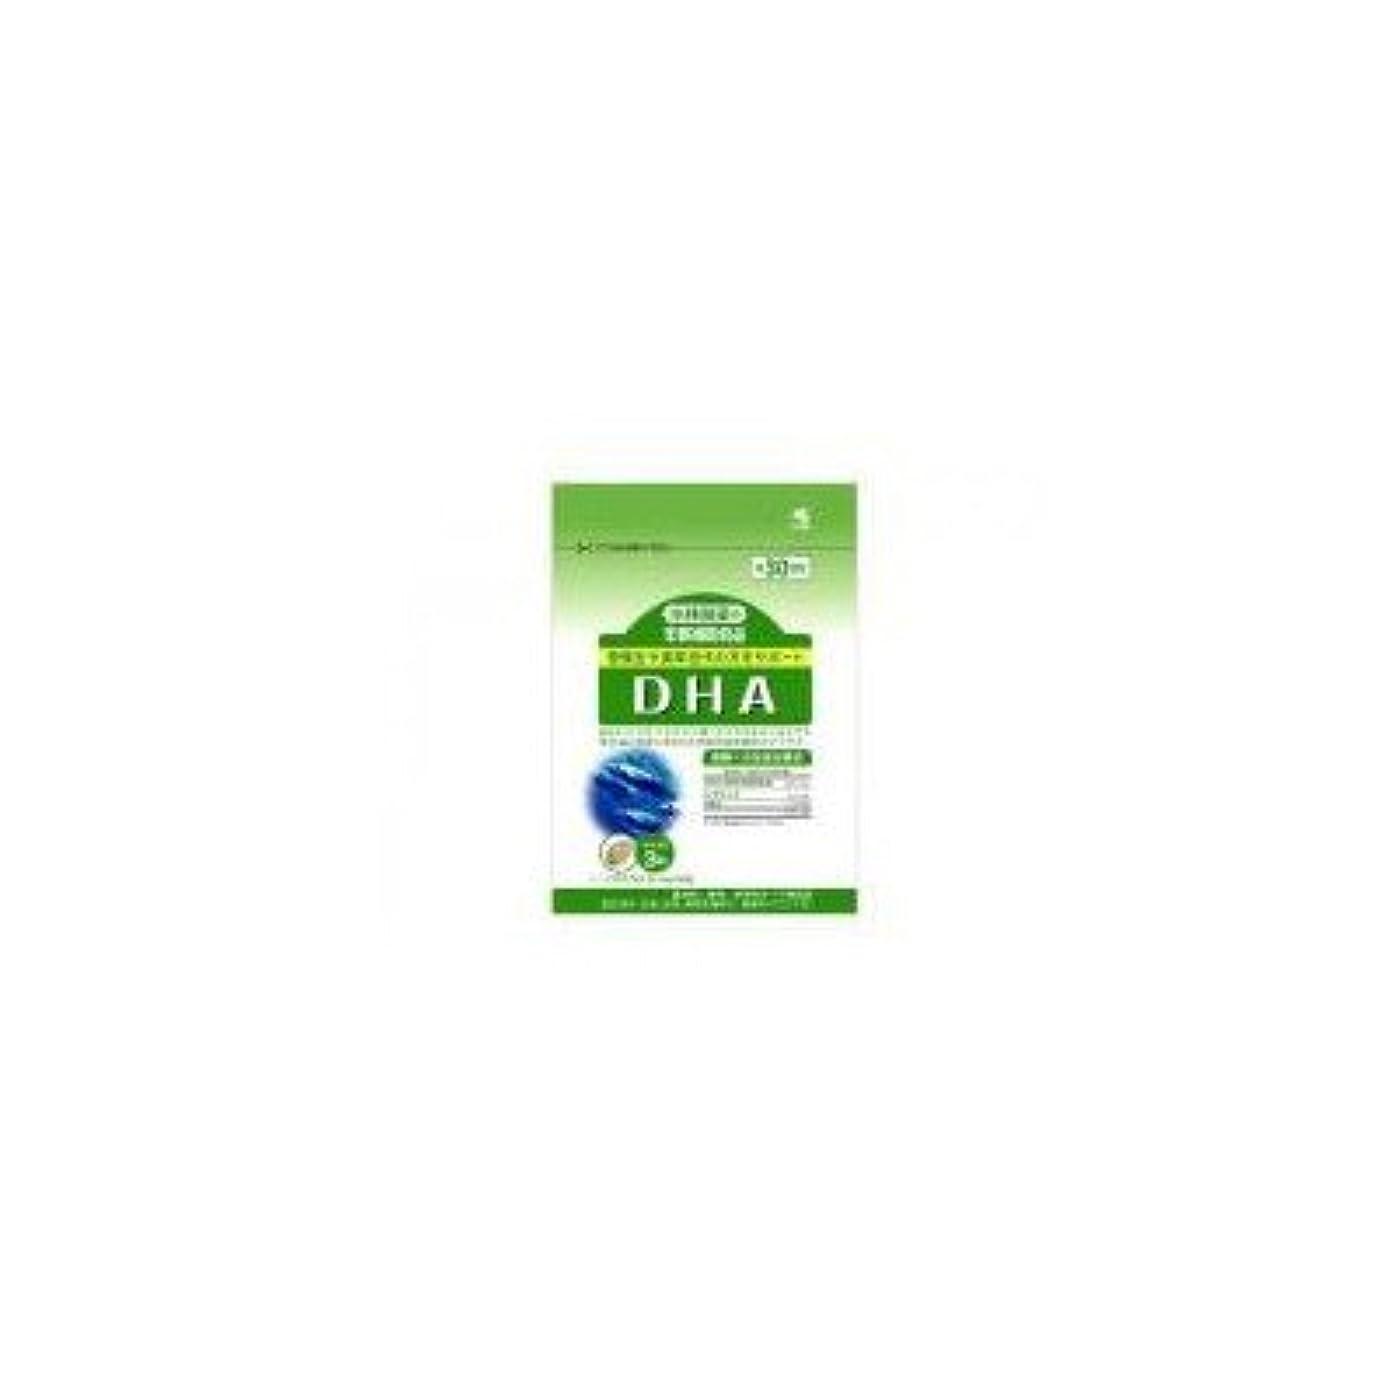 更新する初心者動作小林製薬の栄養補助食品 DHA(90粒 約30日分) 4セット